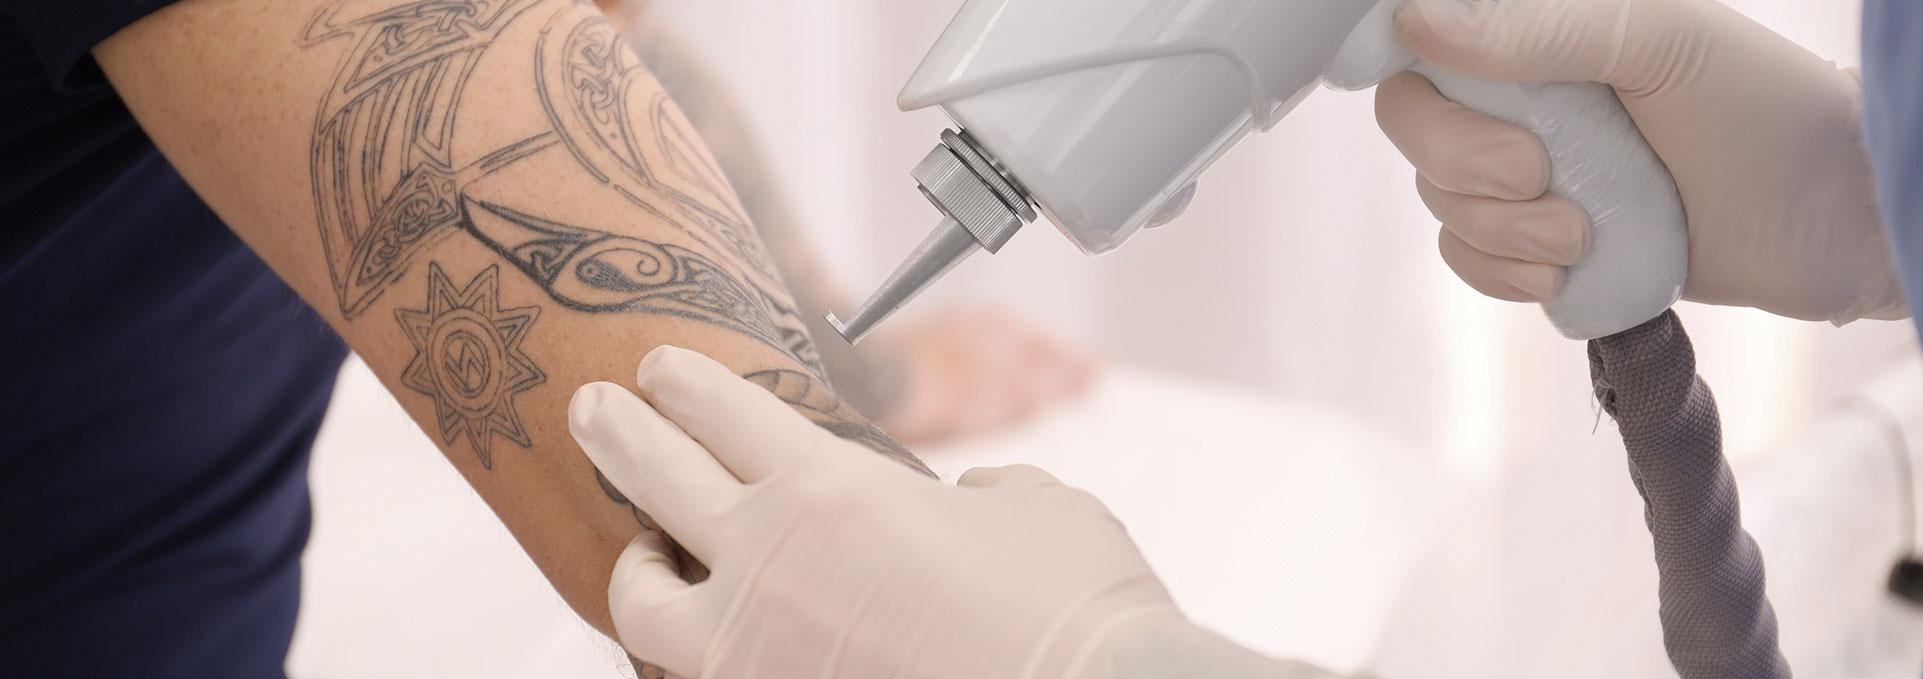 Borrado De Tatuajes Eliminacion Total De Tatuajes Sin Marcas